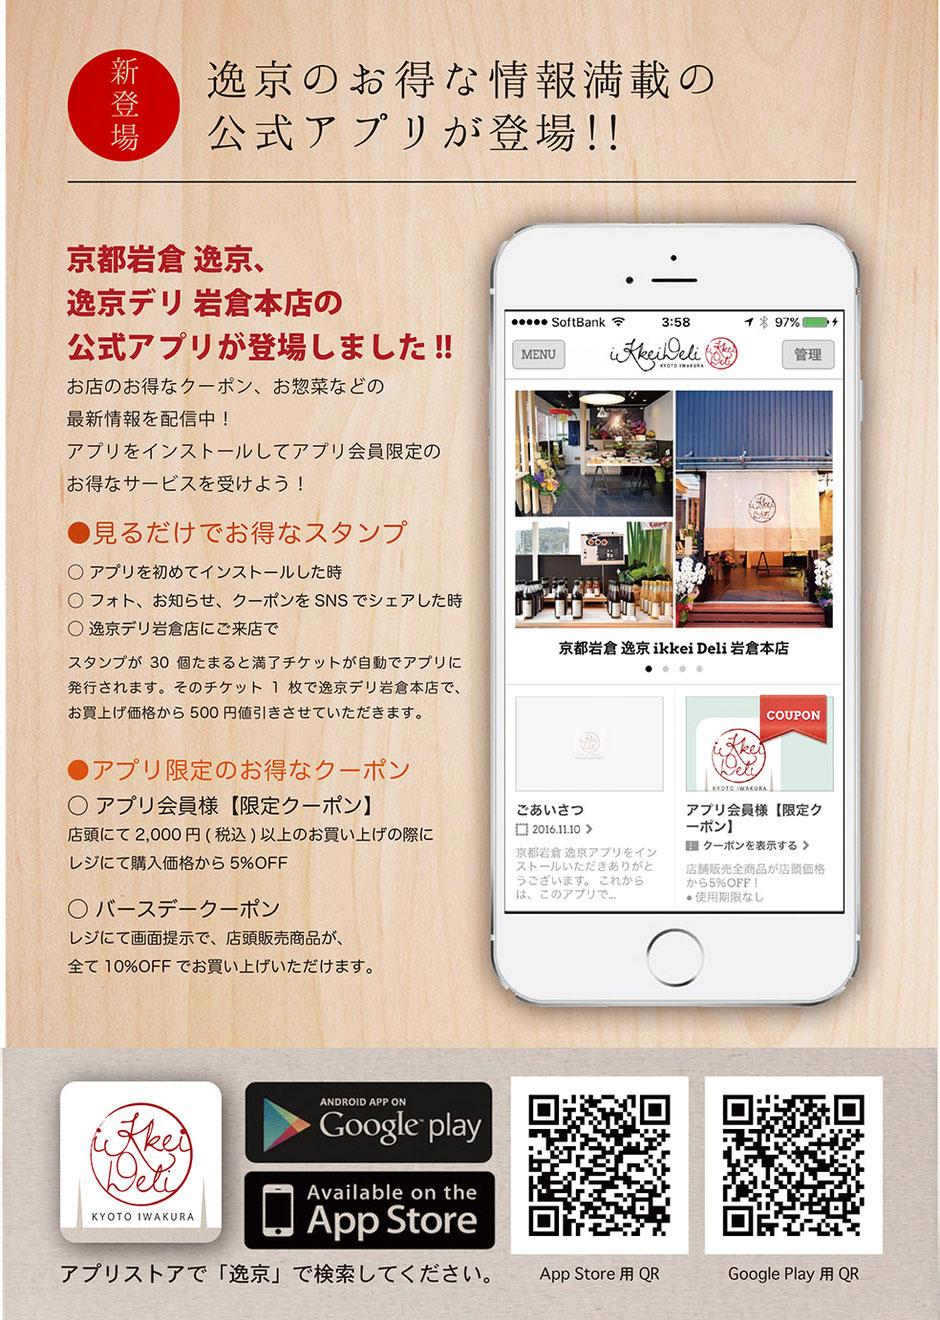 京都岩倉 逸京、 逸京デリ 岩倉本店の 公式アプリが登場しました!!お店のお得なクーポン、お惣菜などの 最新情報を配信中! アプリをインストールしてアプリ会員限定の お得なサービスを受けよう!